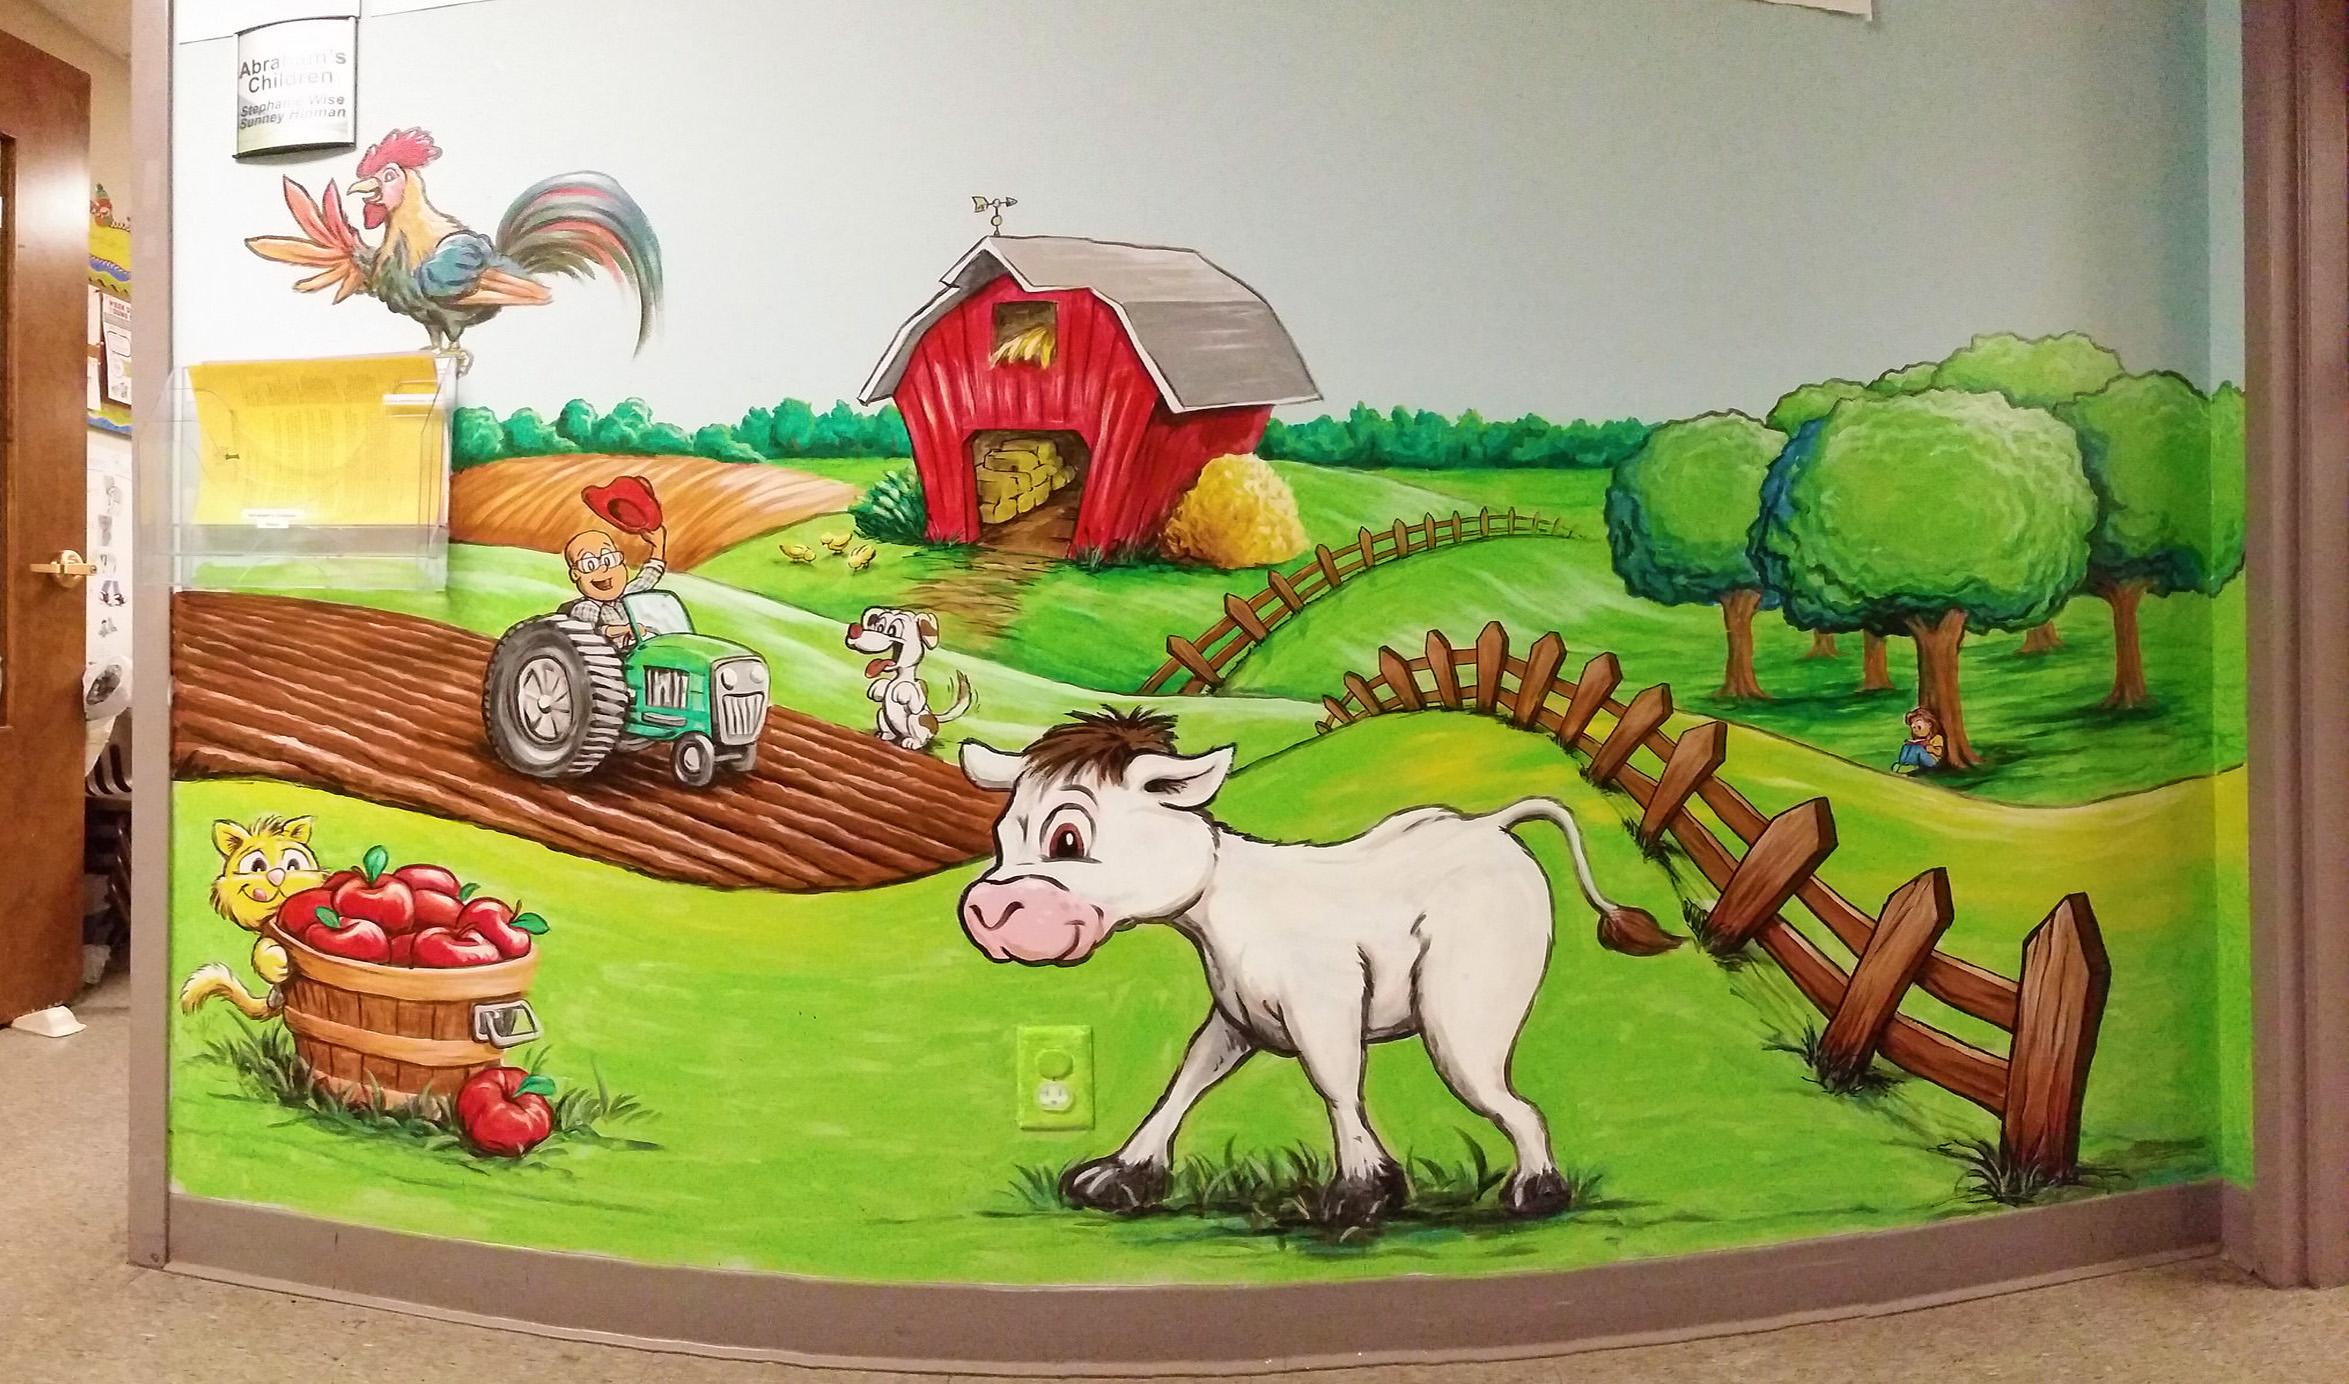 Farm landscape mural painting